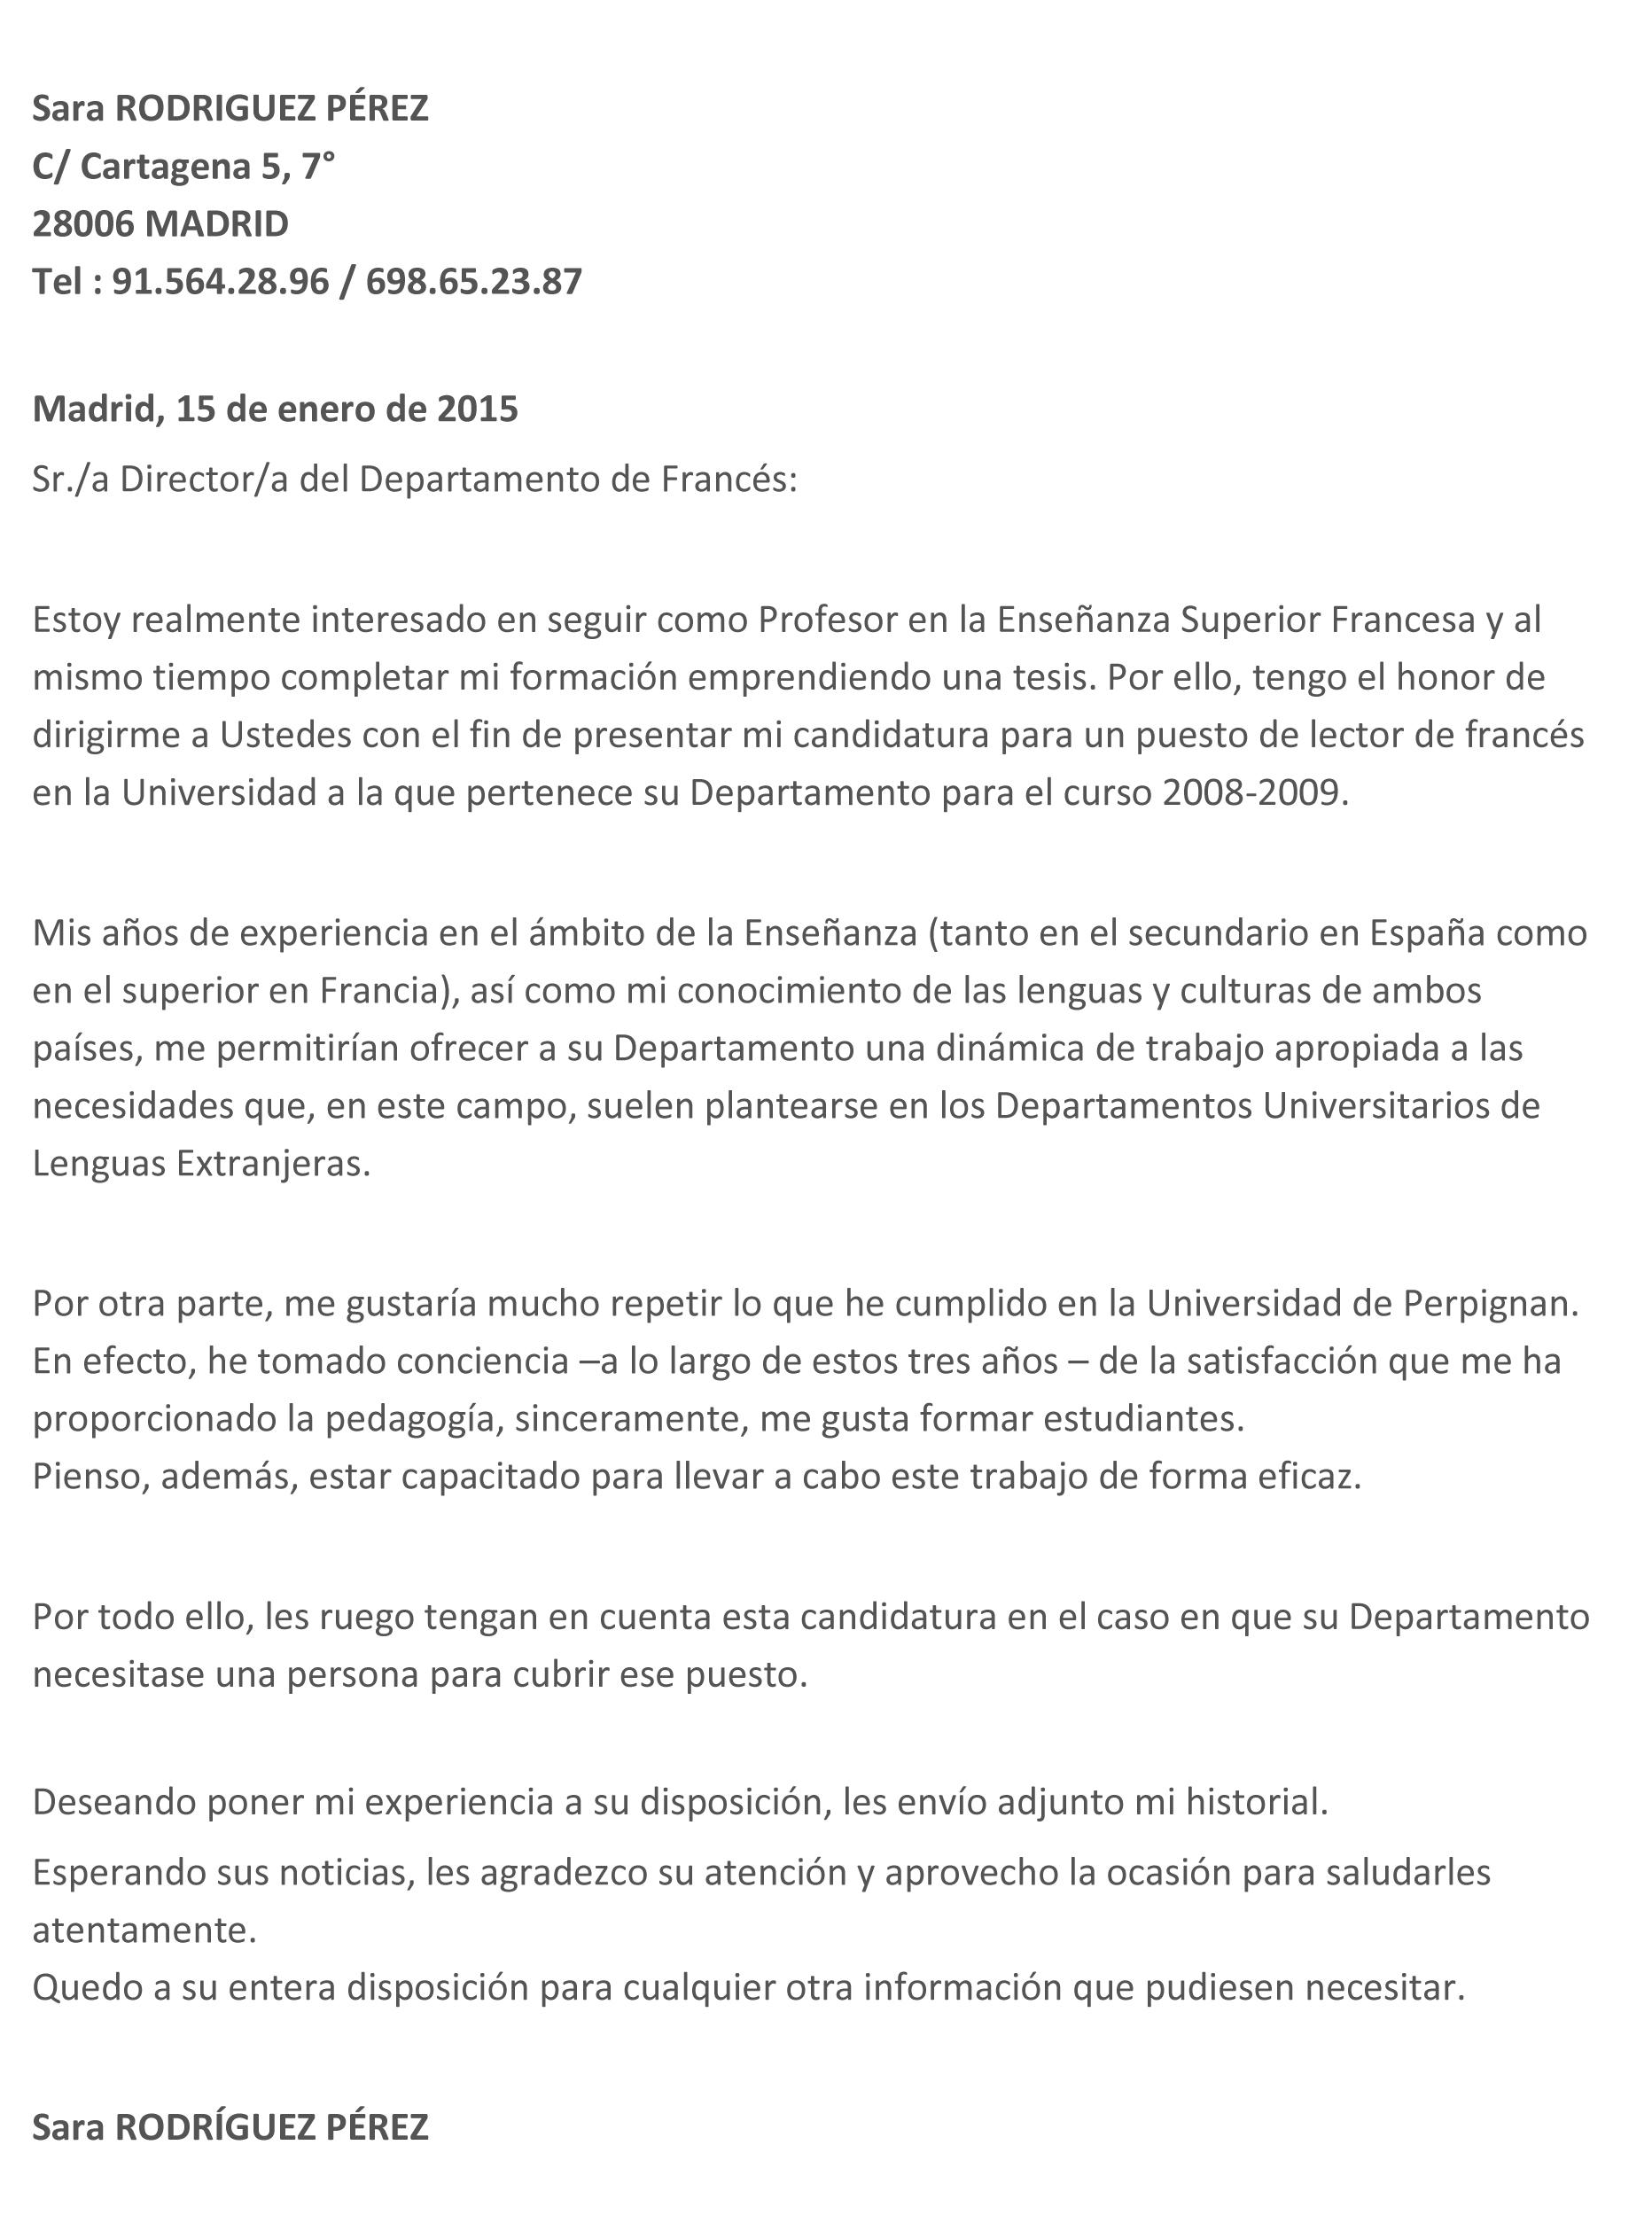 COMO SEGUIR EL PRECIO DE UN ARTICULO DE AMAZON